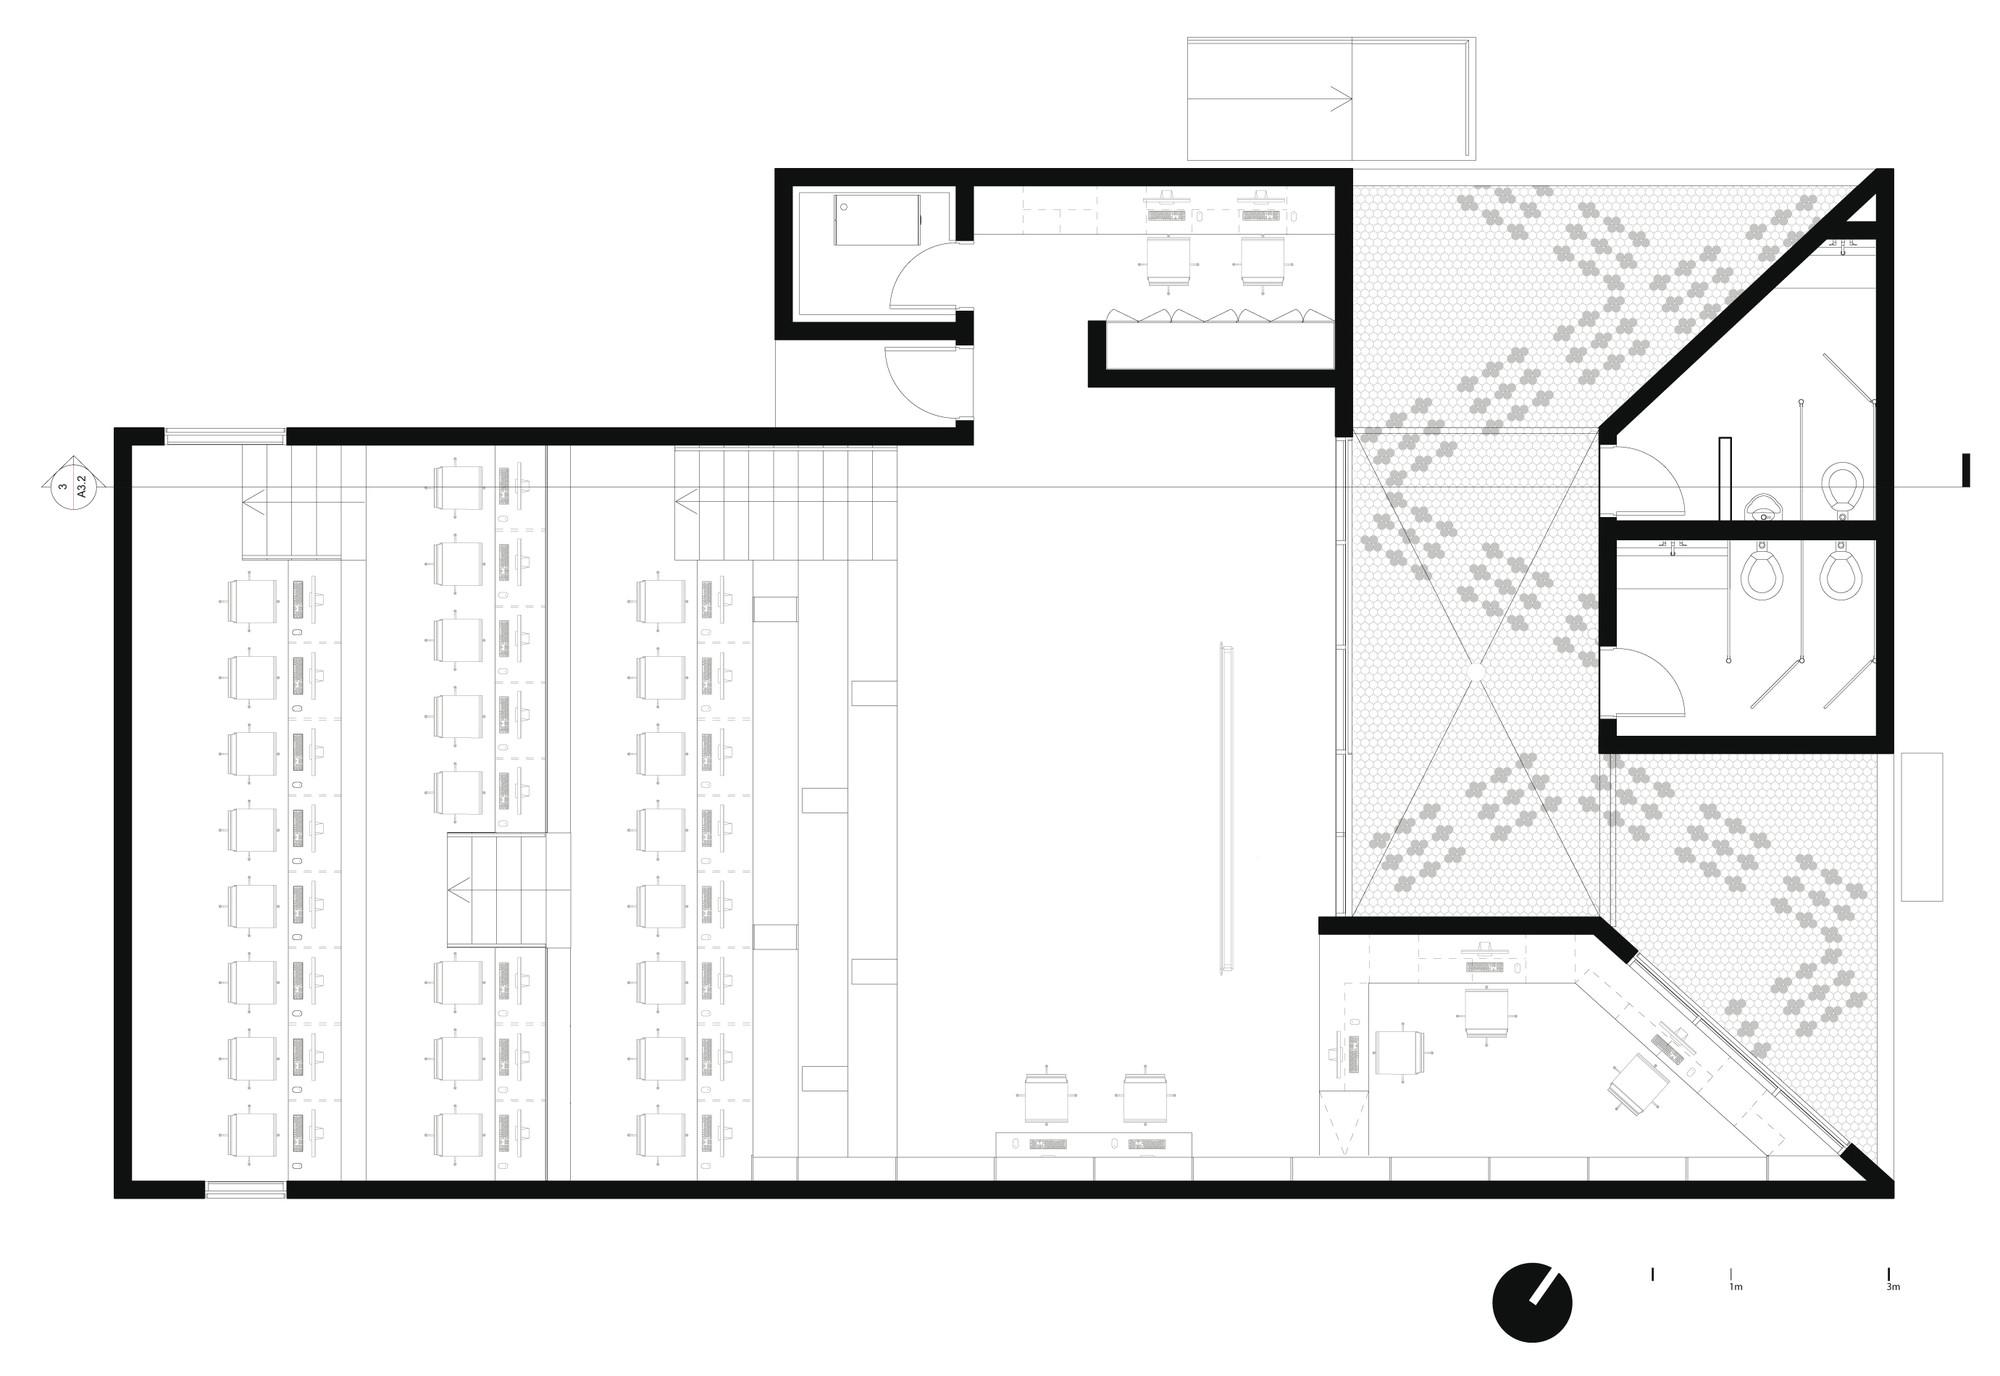 Gallery of casa de las ideas library crostudio 23 - Plano de la casa ...